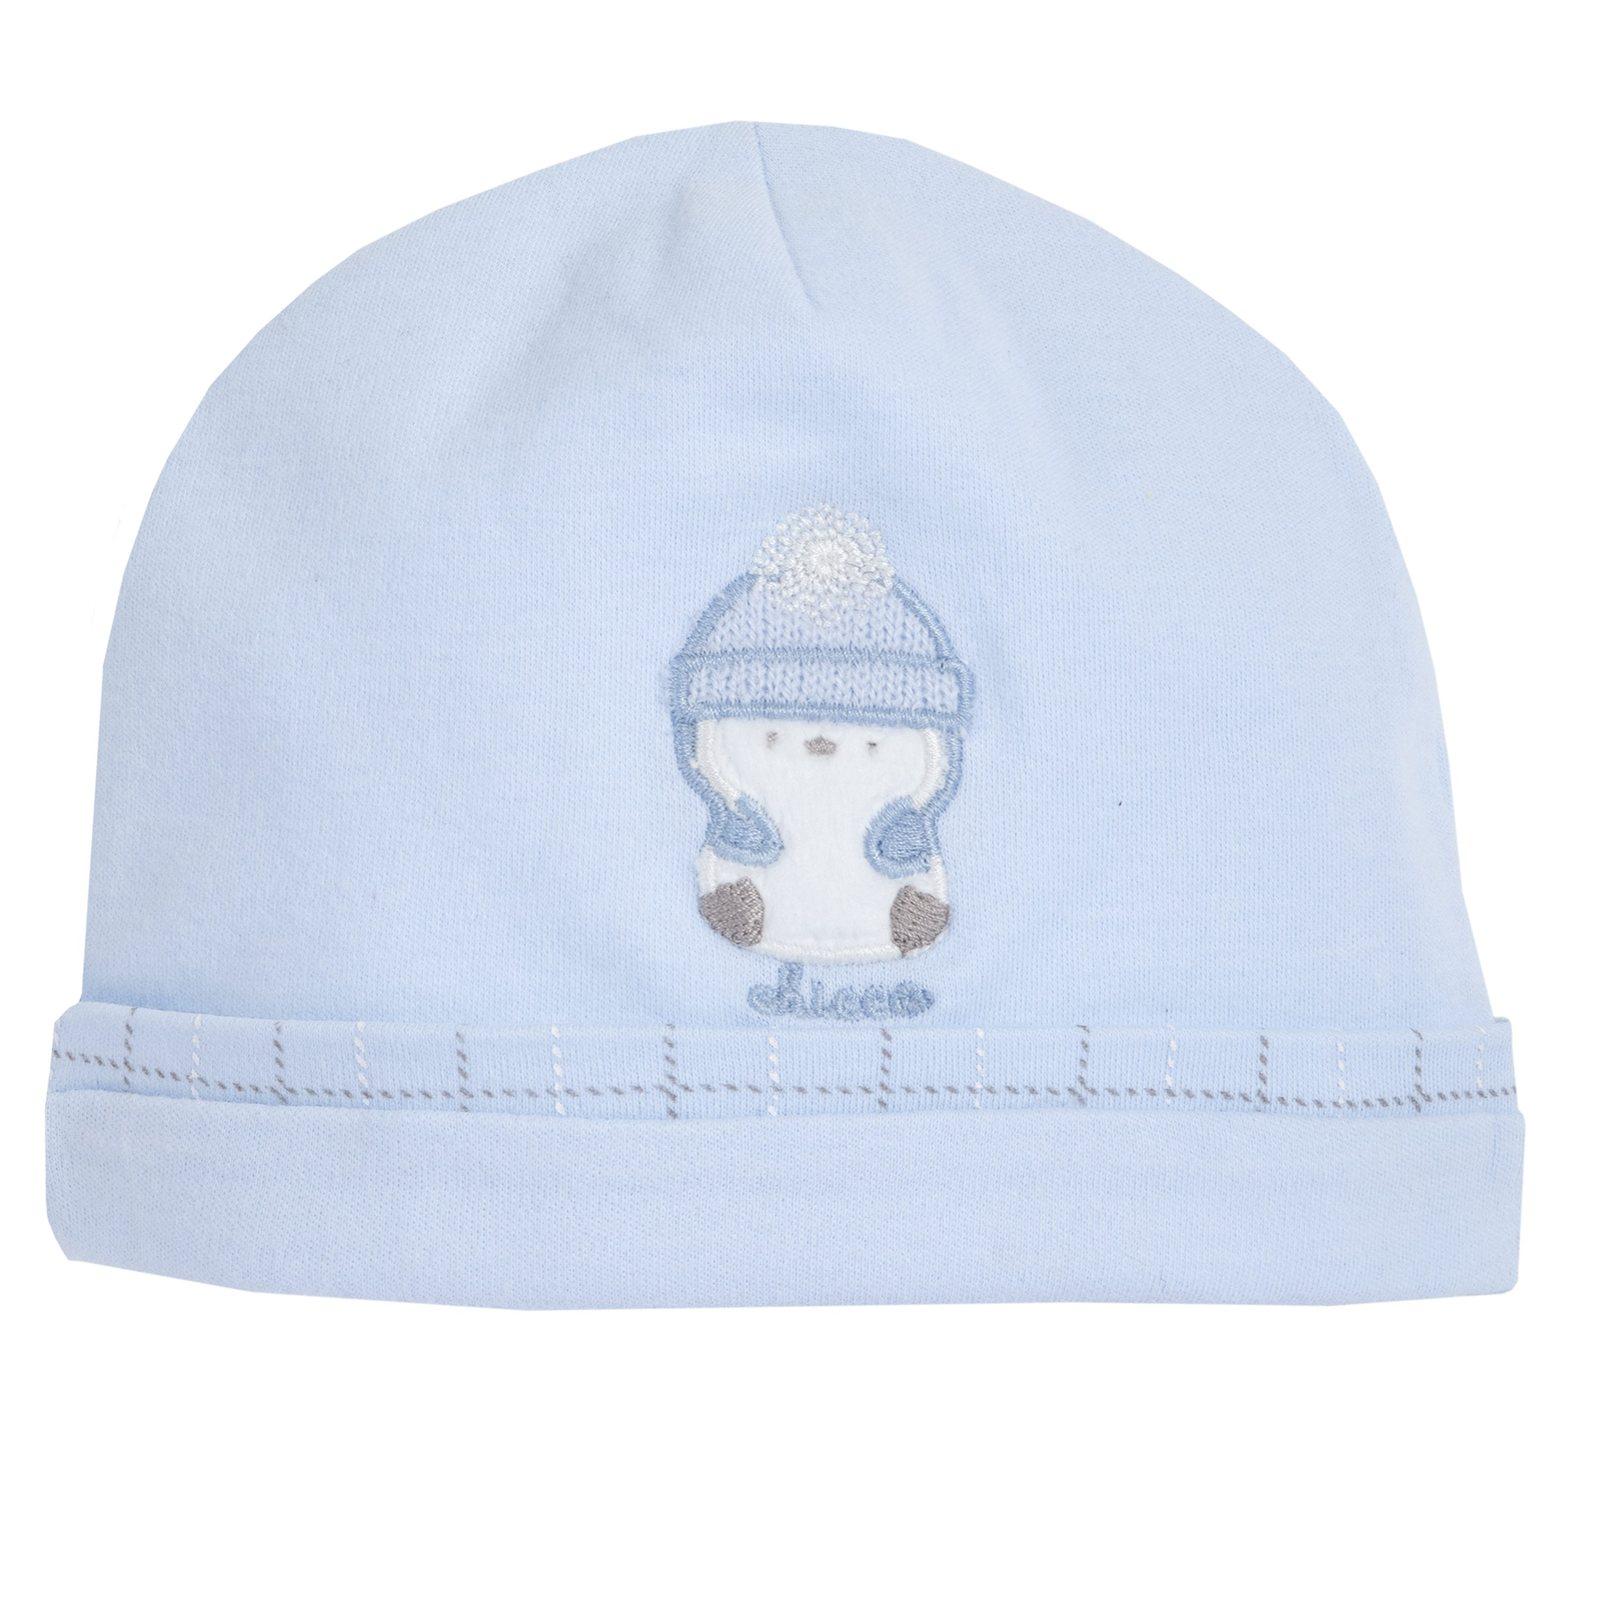 on sale 3ff2d 5dcfc Cappello con pinguino